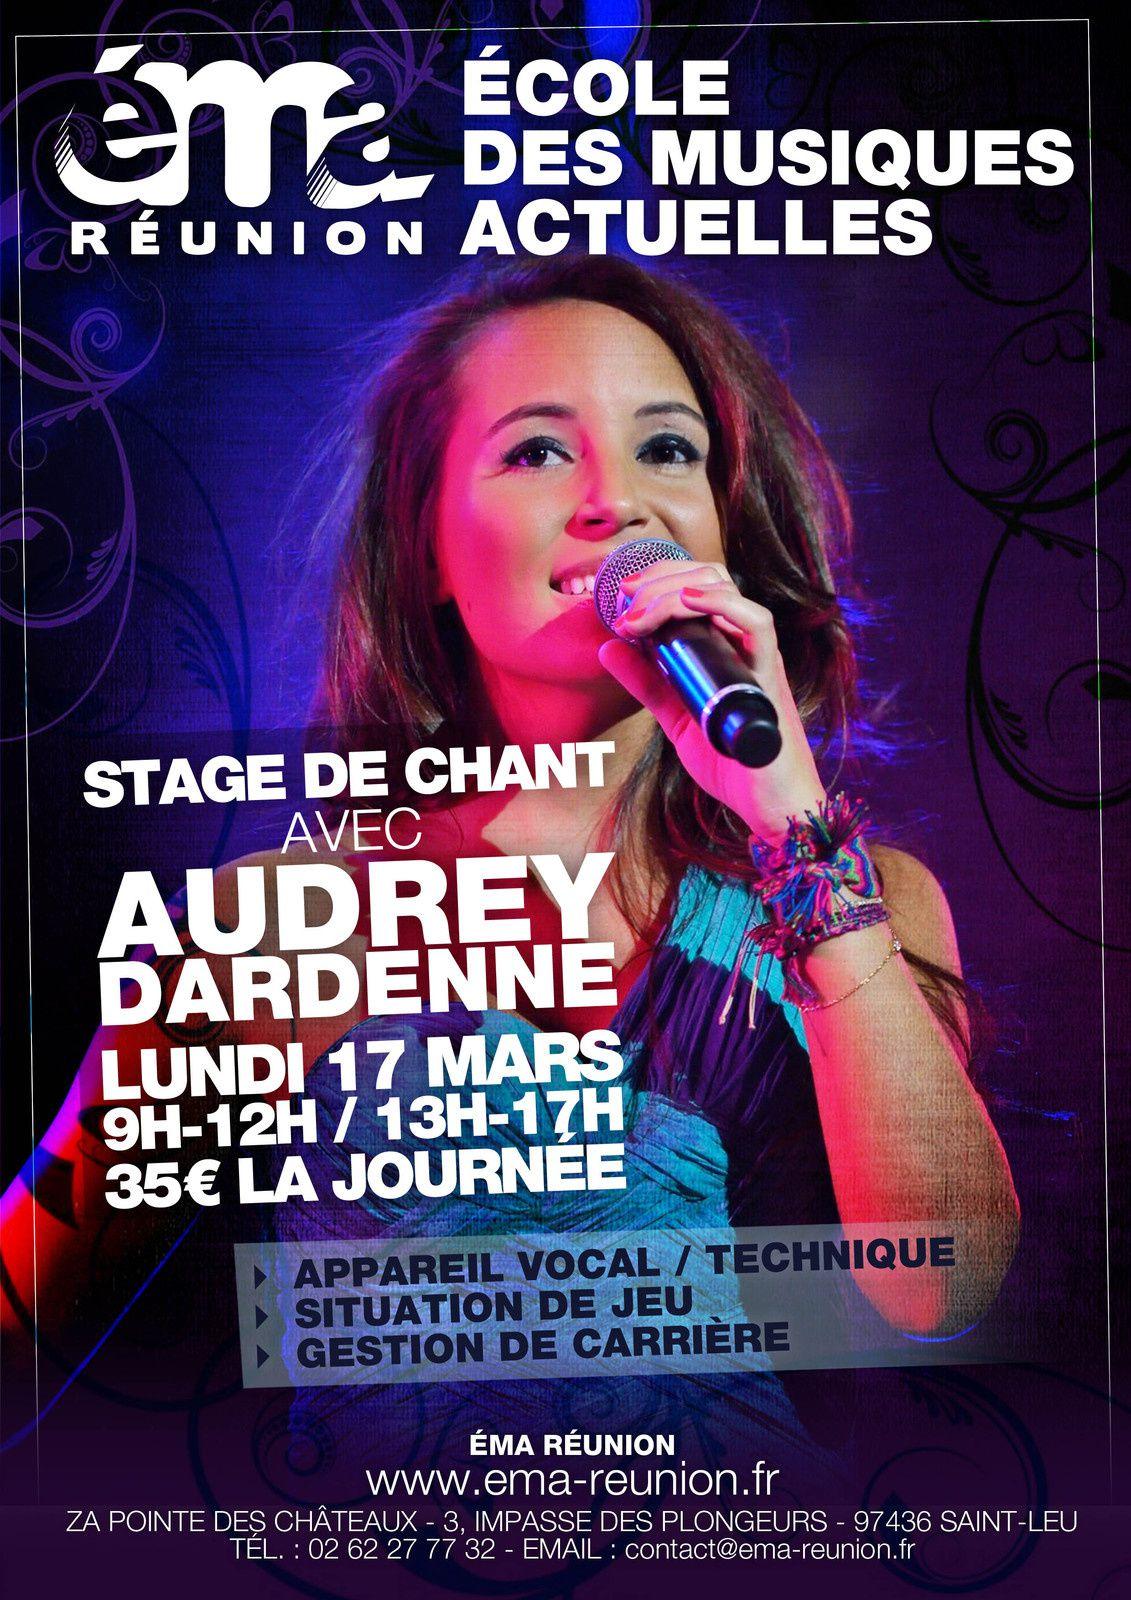 Stage de chant avec Audrey le lundi 17 mars